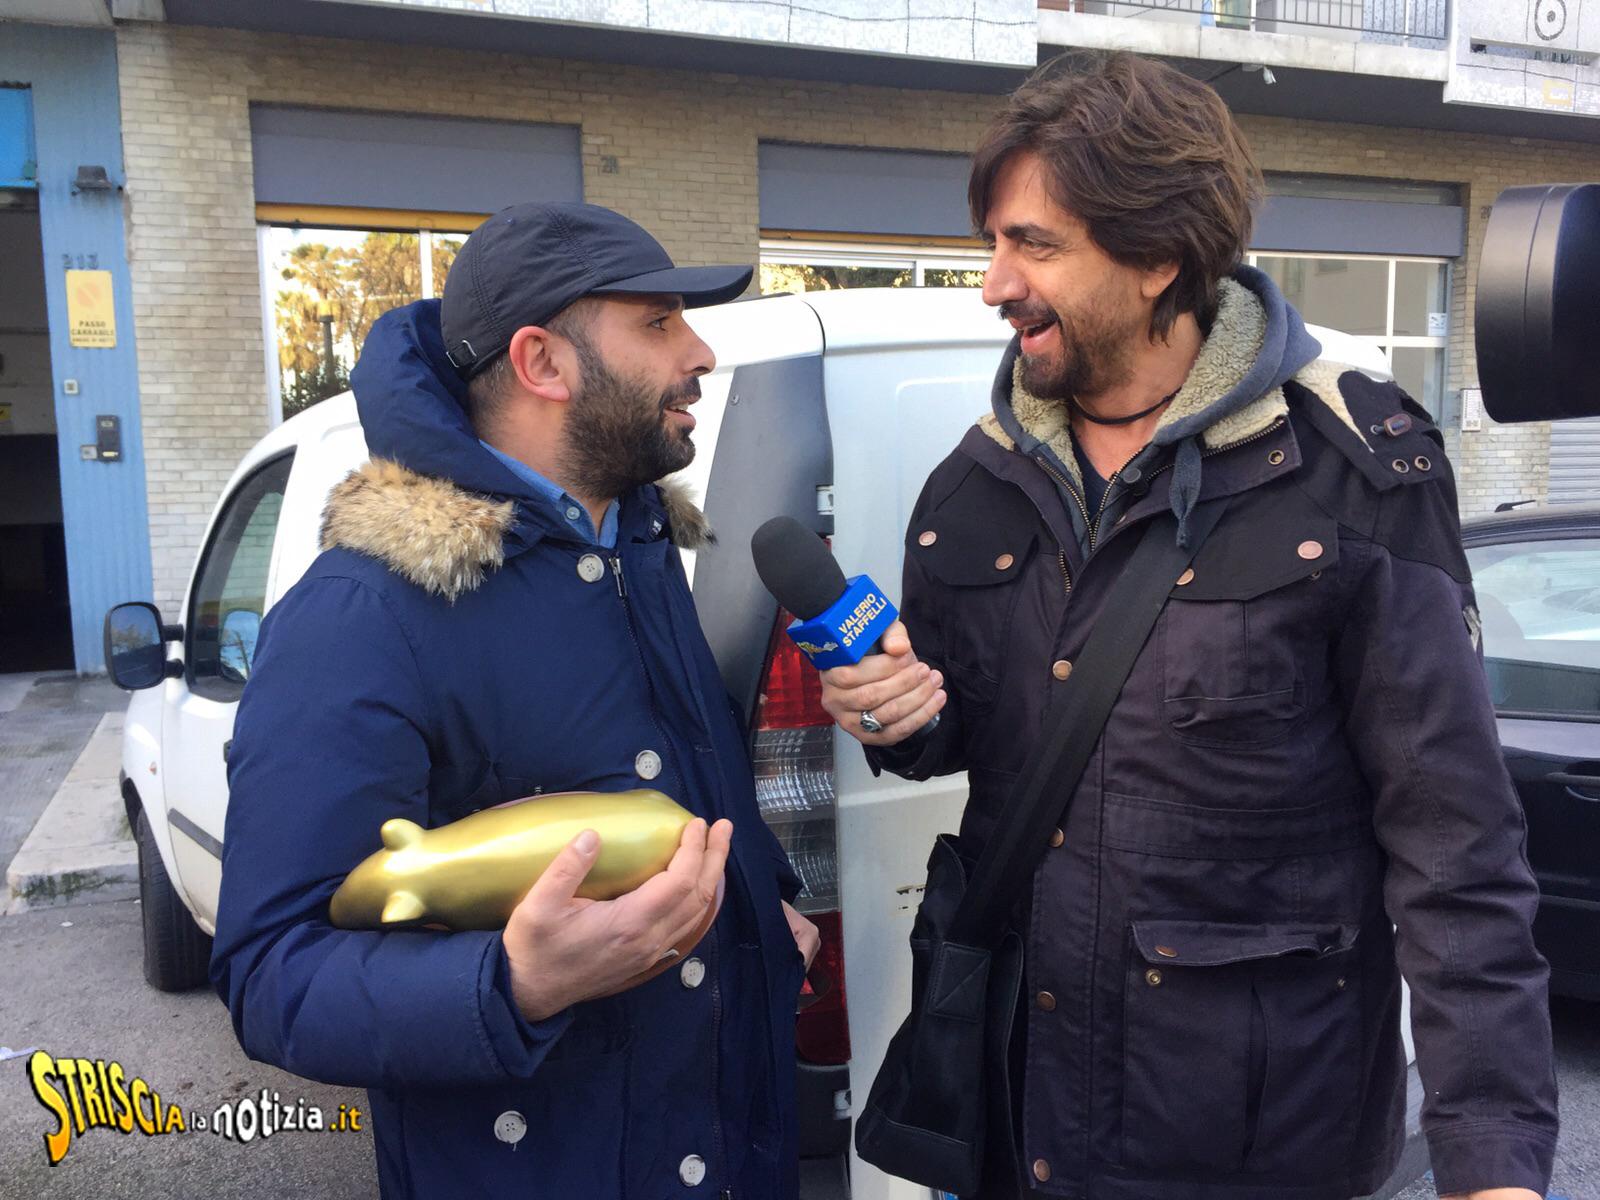 Quo vado Checco Zalone cinema italiano Valerio staffelli striscia la notizia tapiro d'oro striscia